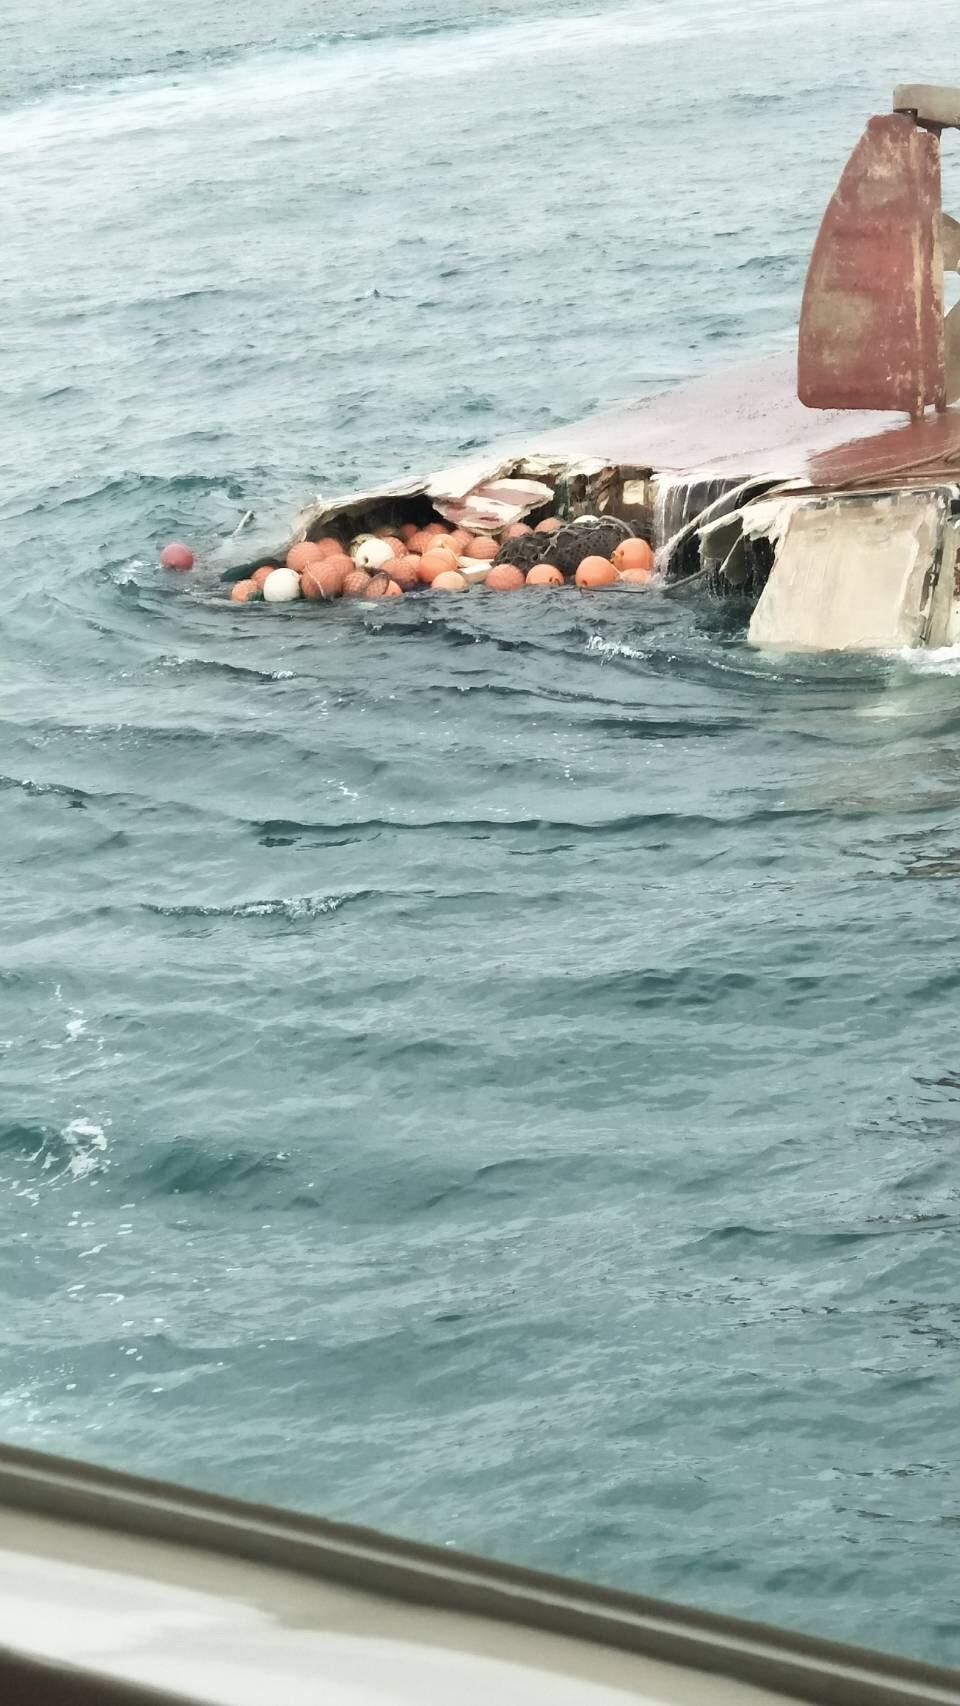 一般漁船今天在彰化王功外海疑被碰撞沈船,6人驚險被救起。圖/海巡署提供